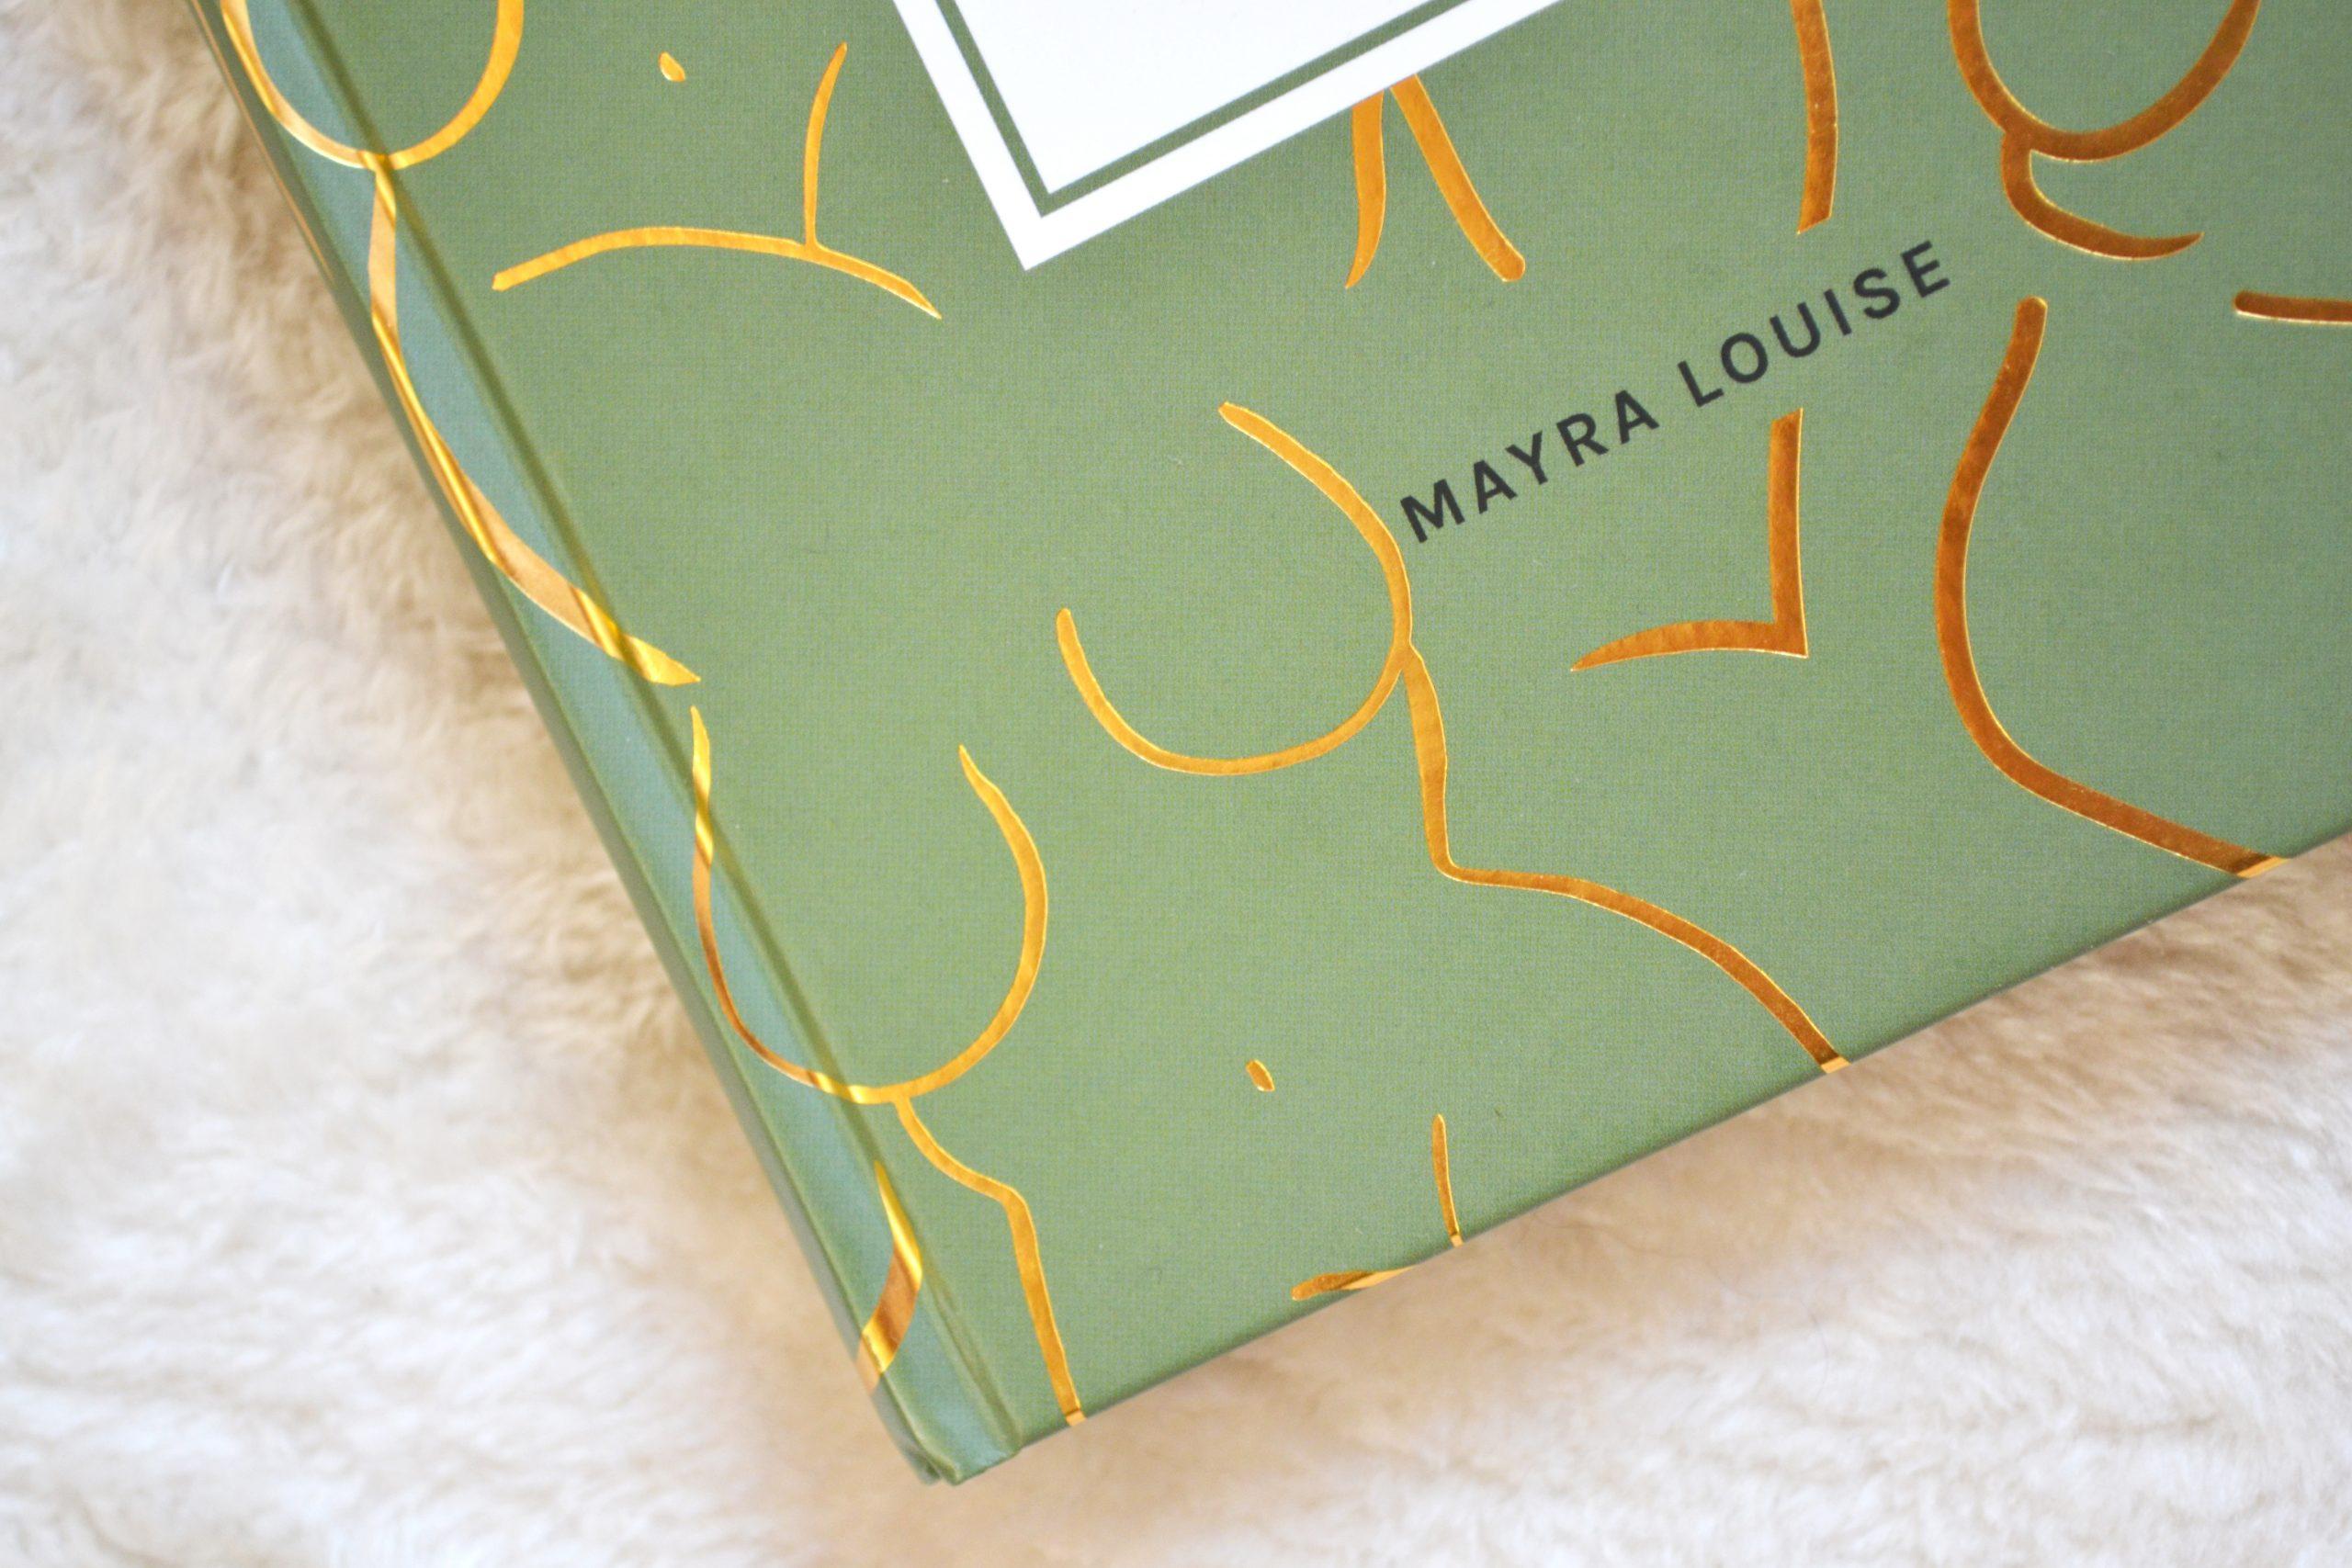 Op je lijf geschreven Mayra Louise